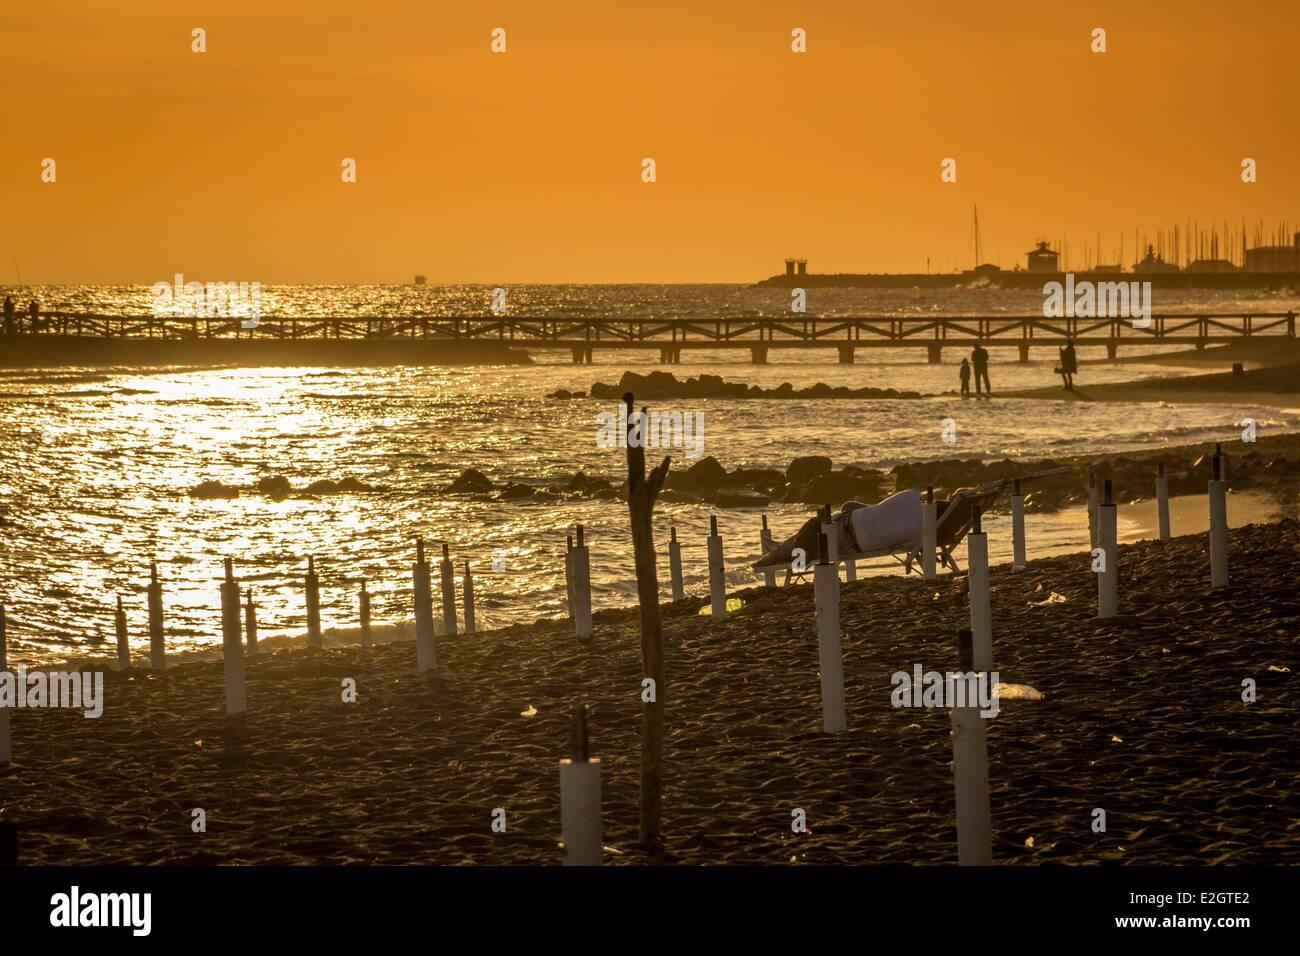 Italy Lazio Lido di Ostia Ponente beach of town of Ostia - Stock Image